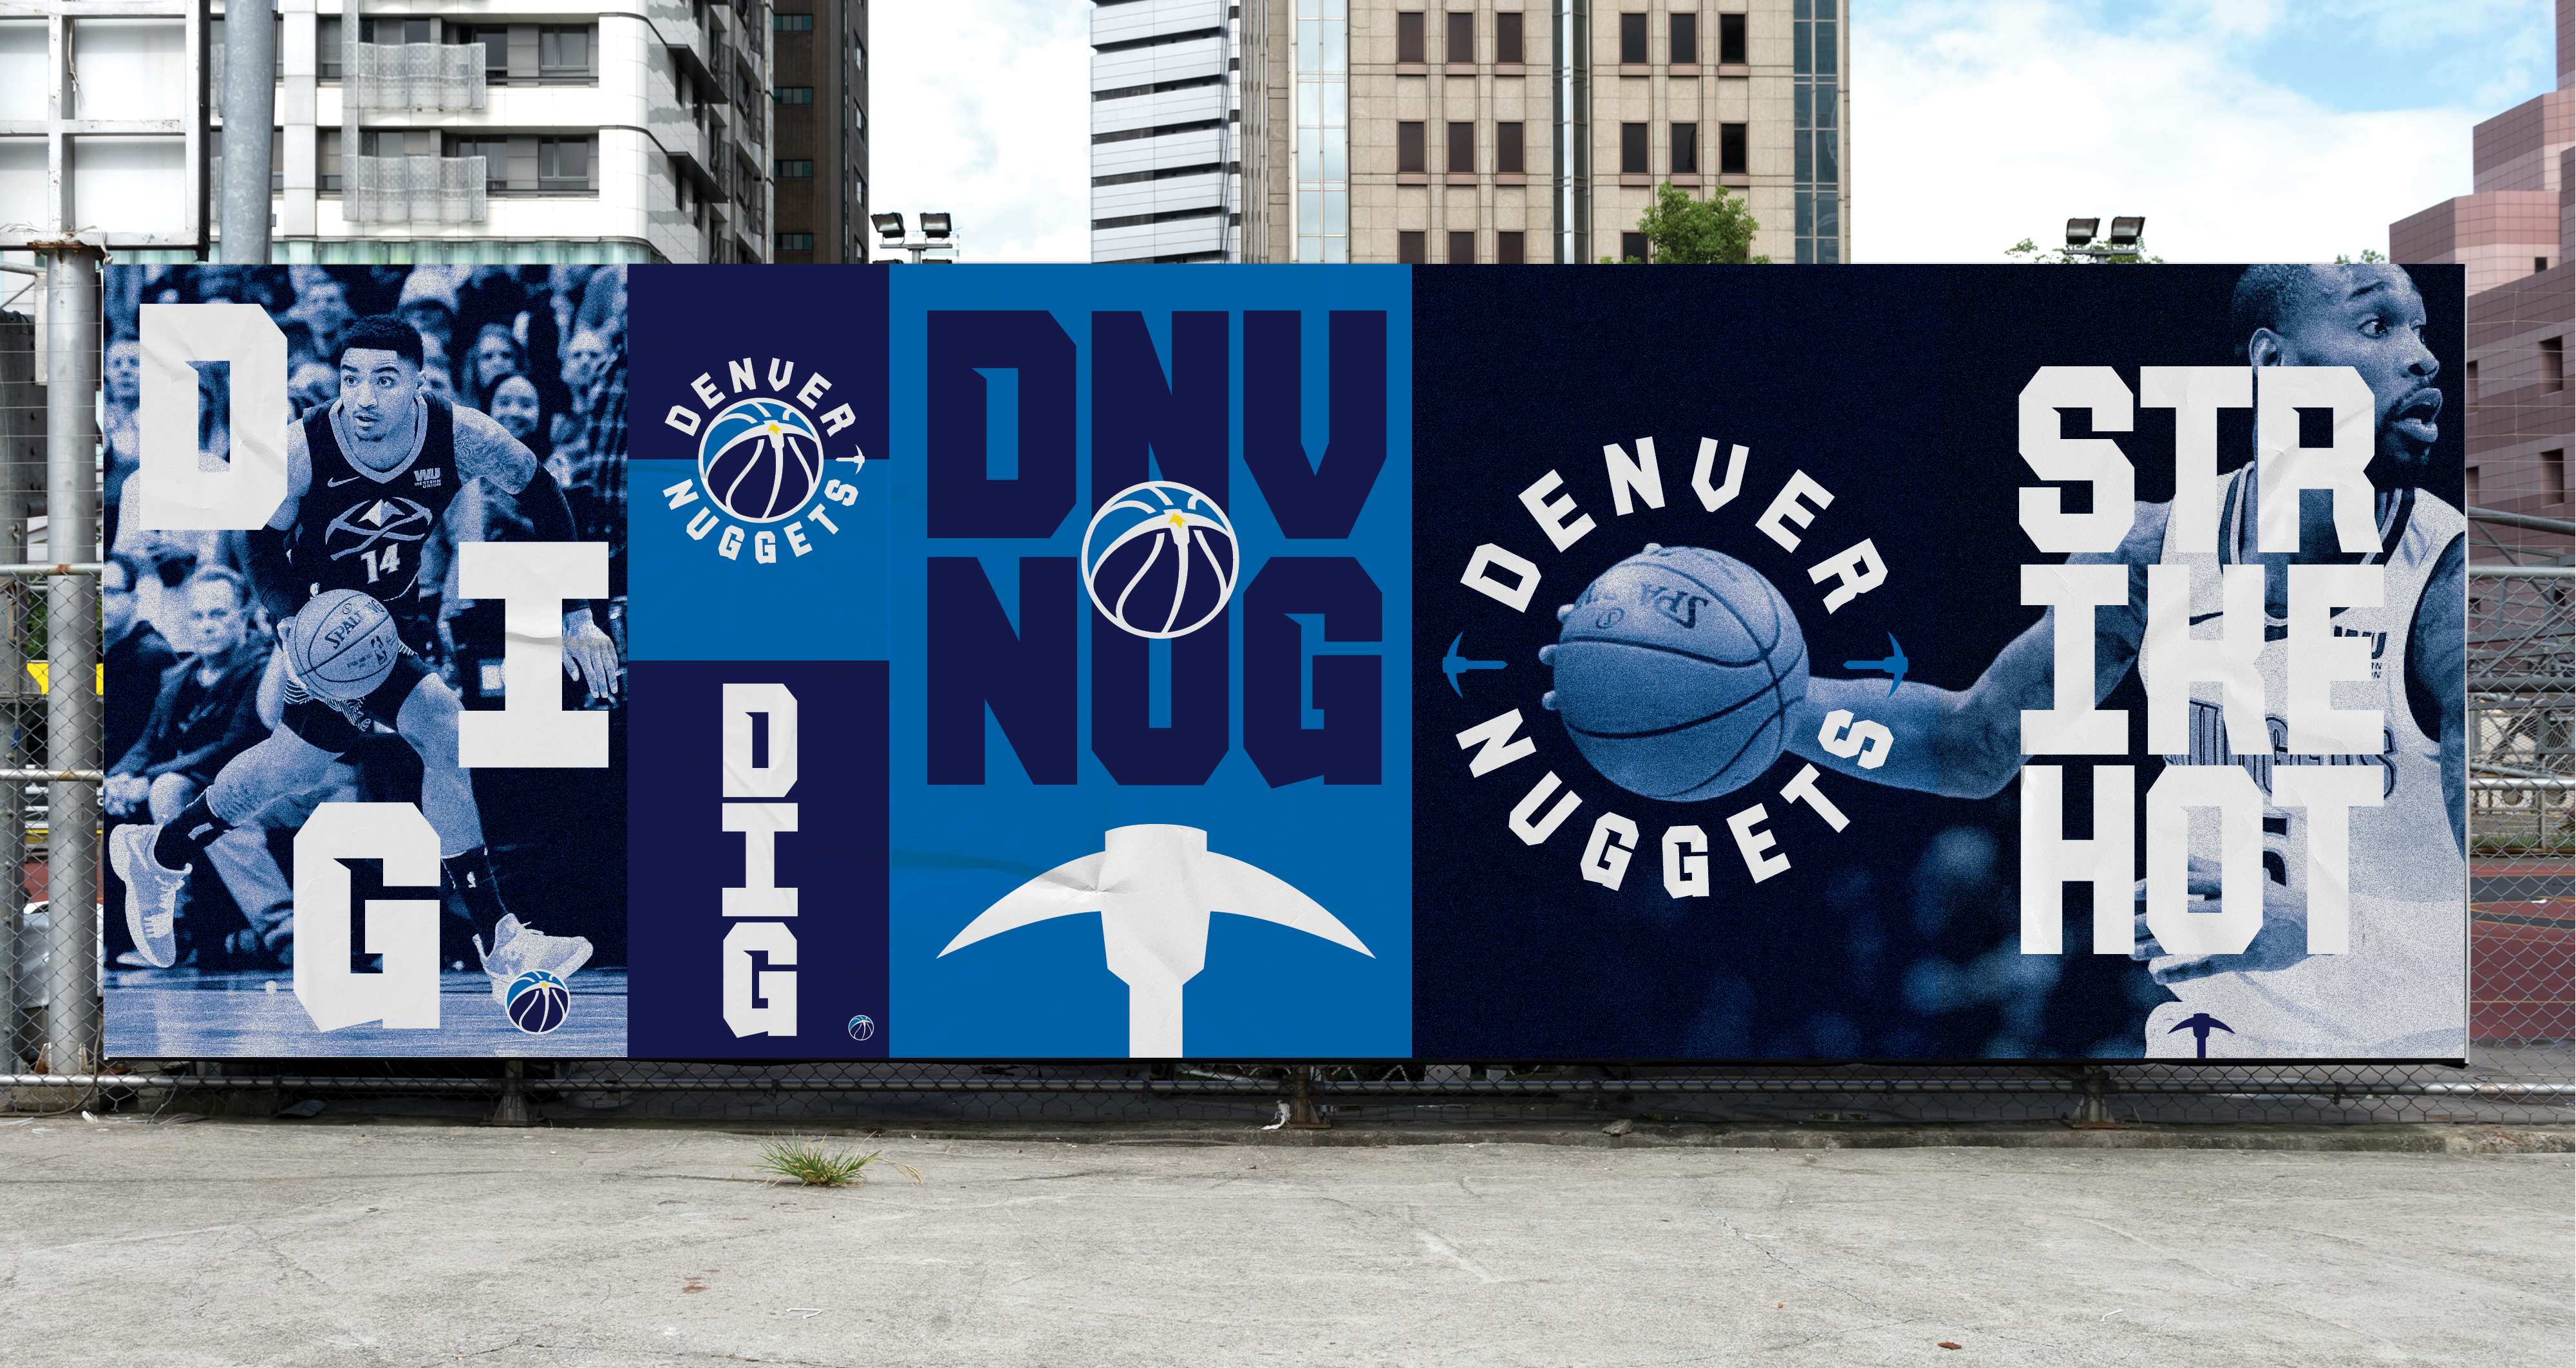 Denvernuggets designsystem16